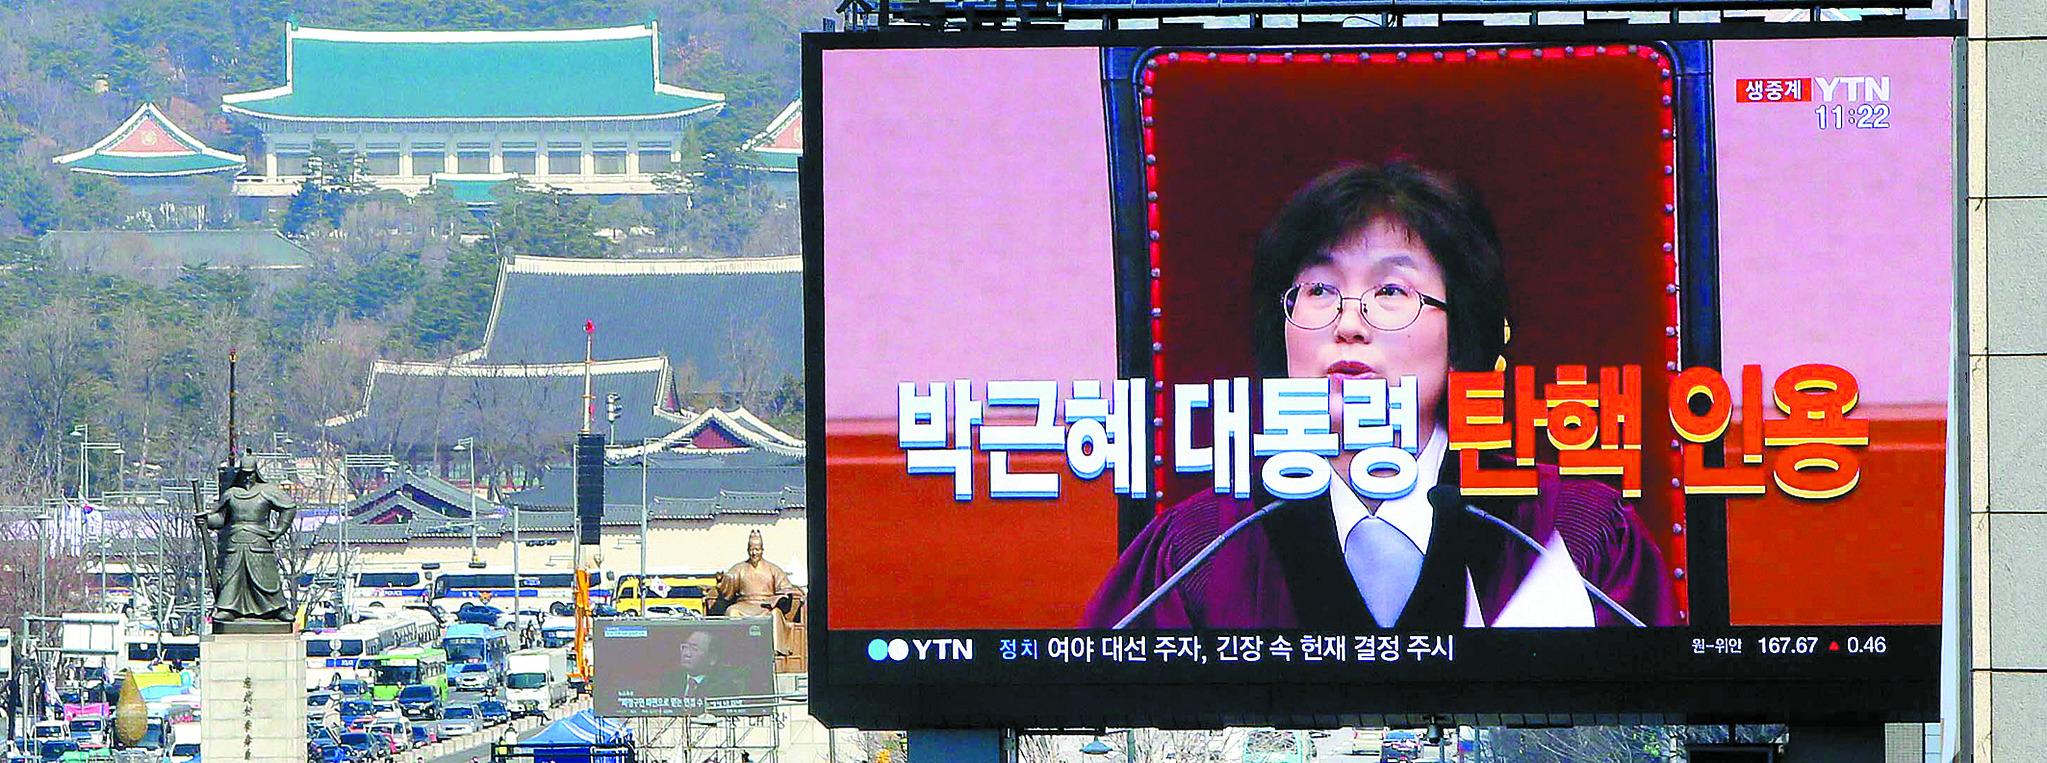 2017년 3월 10일 이정미 헌재소장 권한대행이 서울시 재동 헌법재판소 대심판정에서 박근혜 대통령 탄핵심판 사건에 대해 탄핵 인용을 선고하고 있다. 같은 시간 촛불집회가 열리던 광화문광장 너머로 청와대가 보인다. [중앙포토]